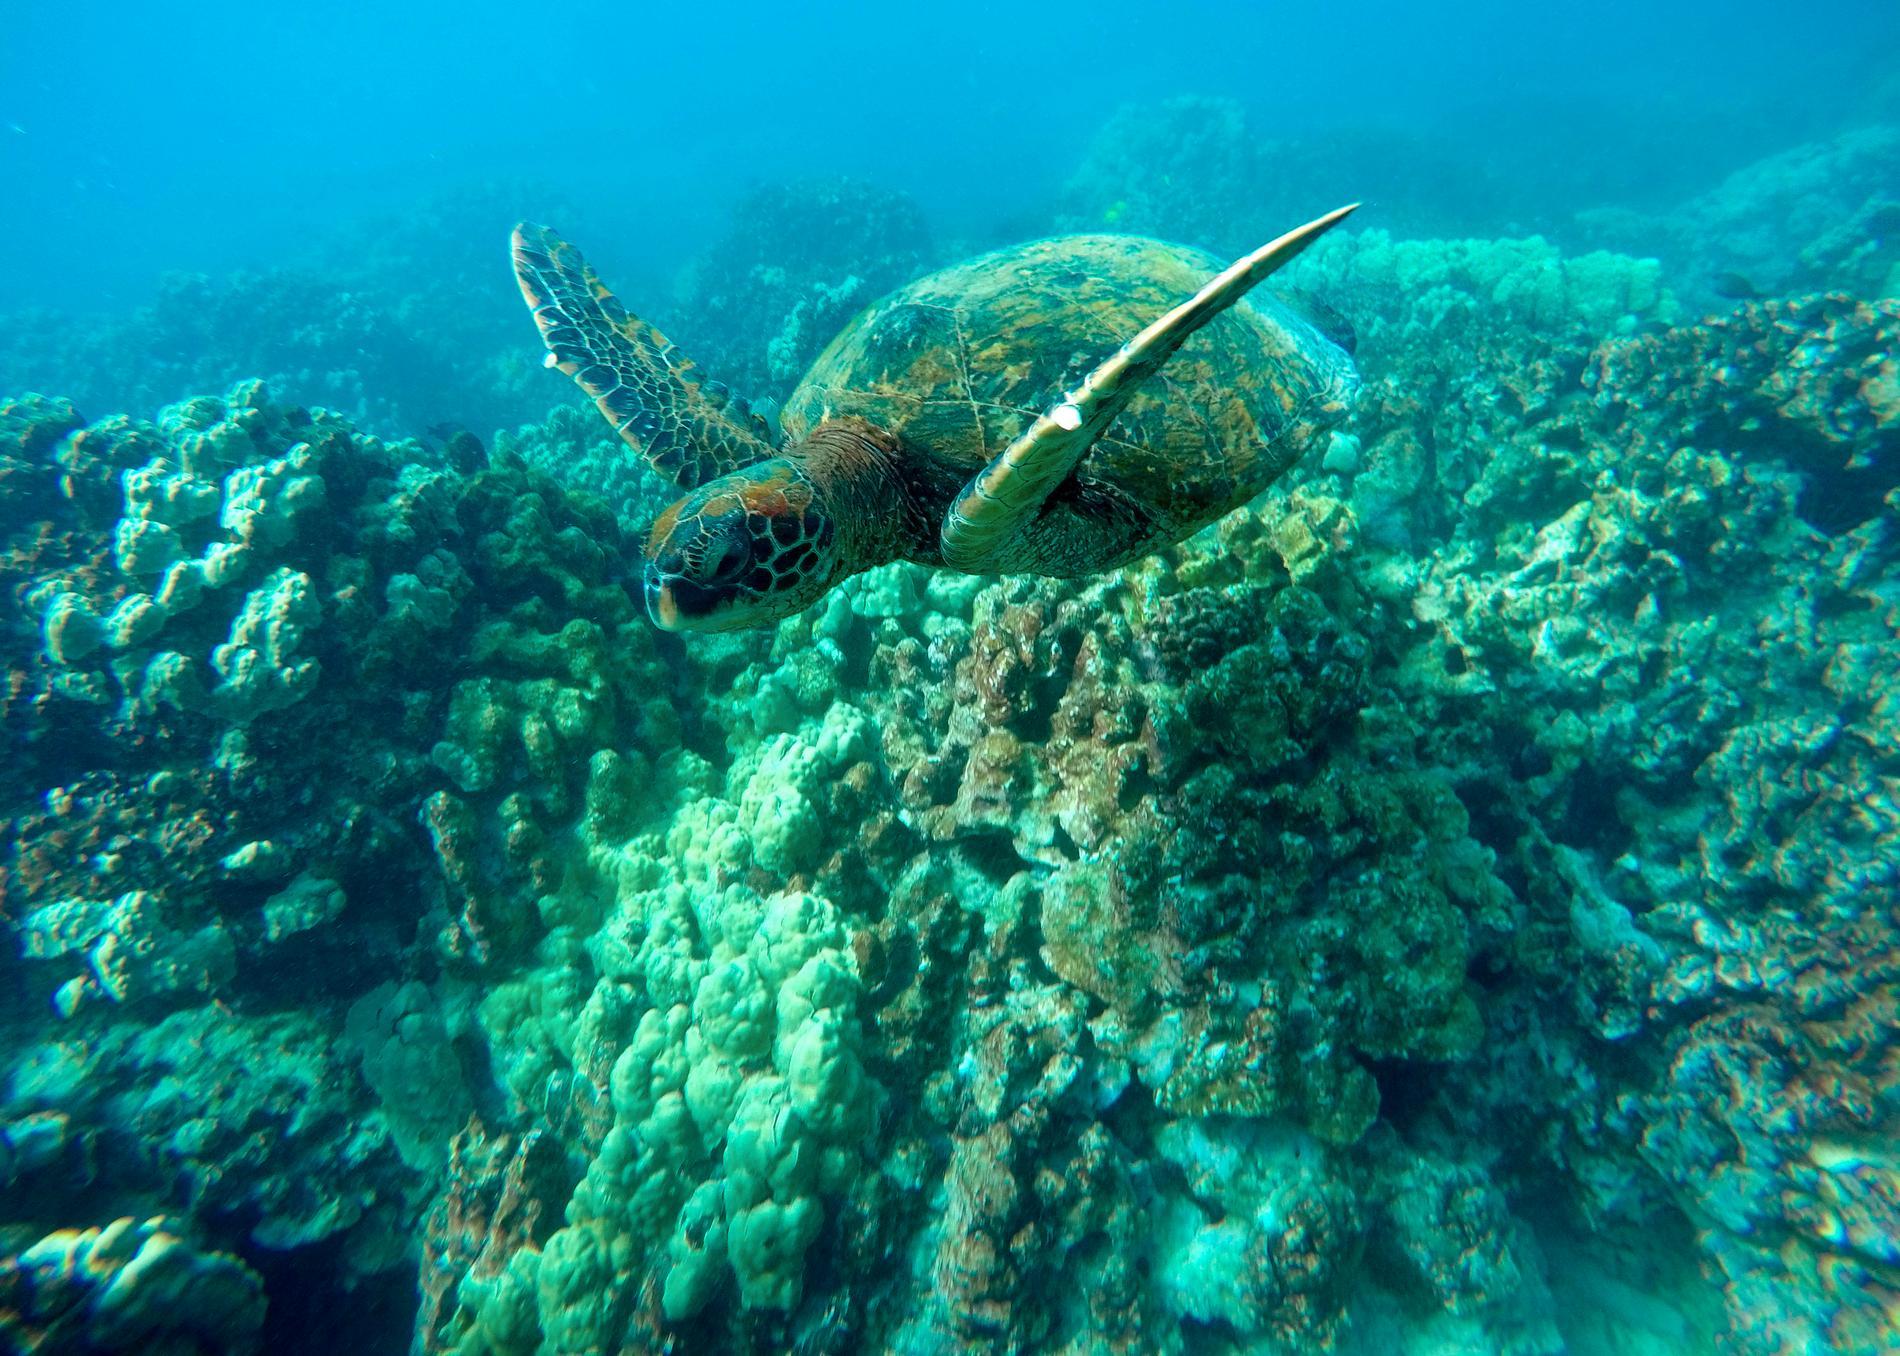 Med människor i karantän får havssköldpaddorna hav och ständer för sig själva. Arkivbild.